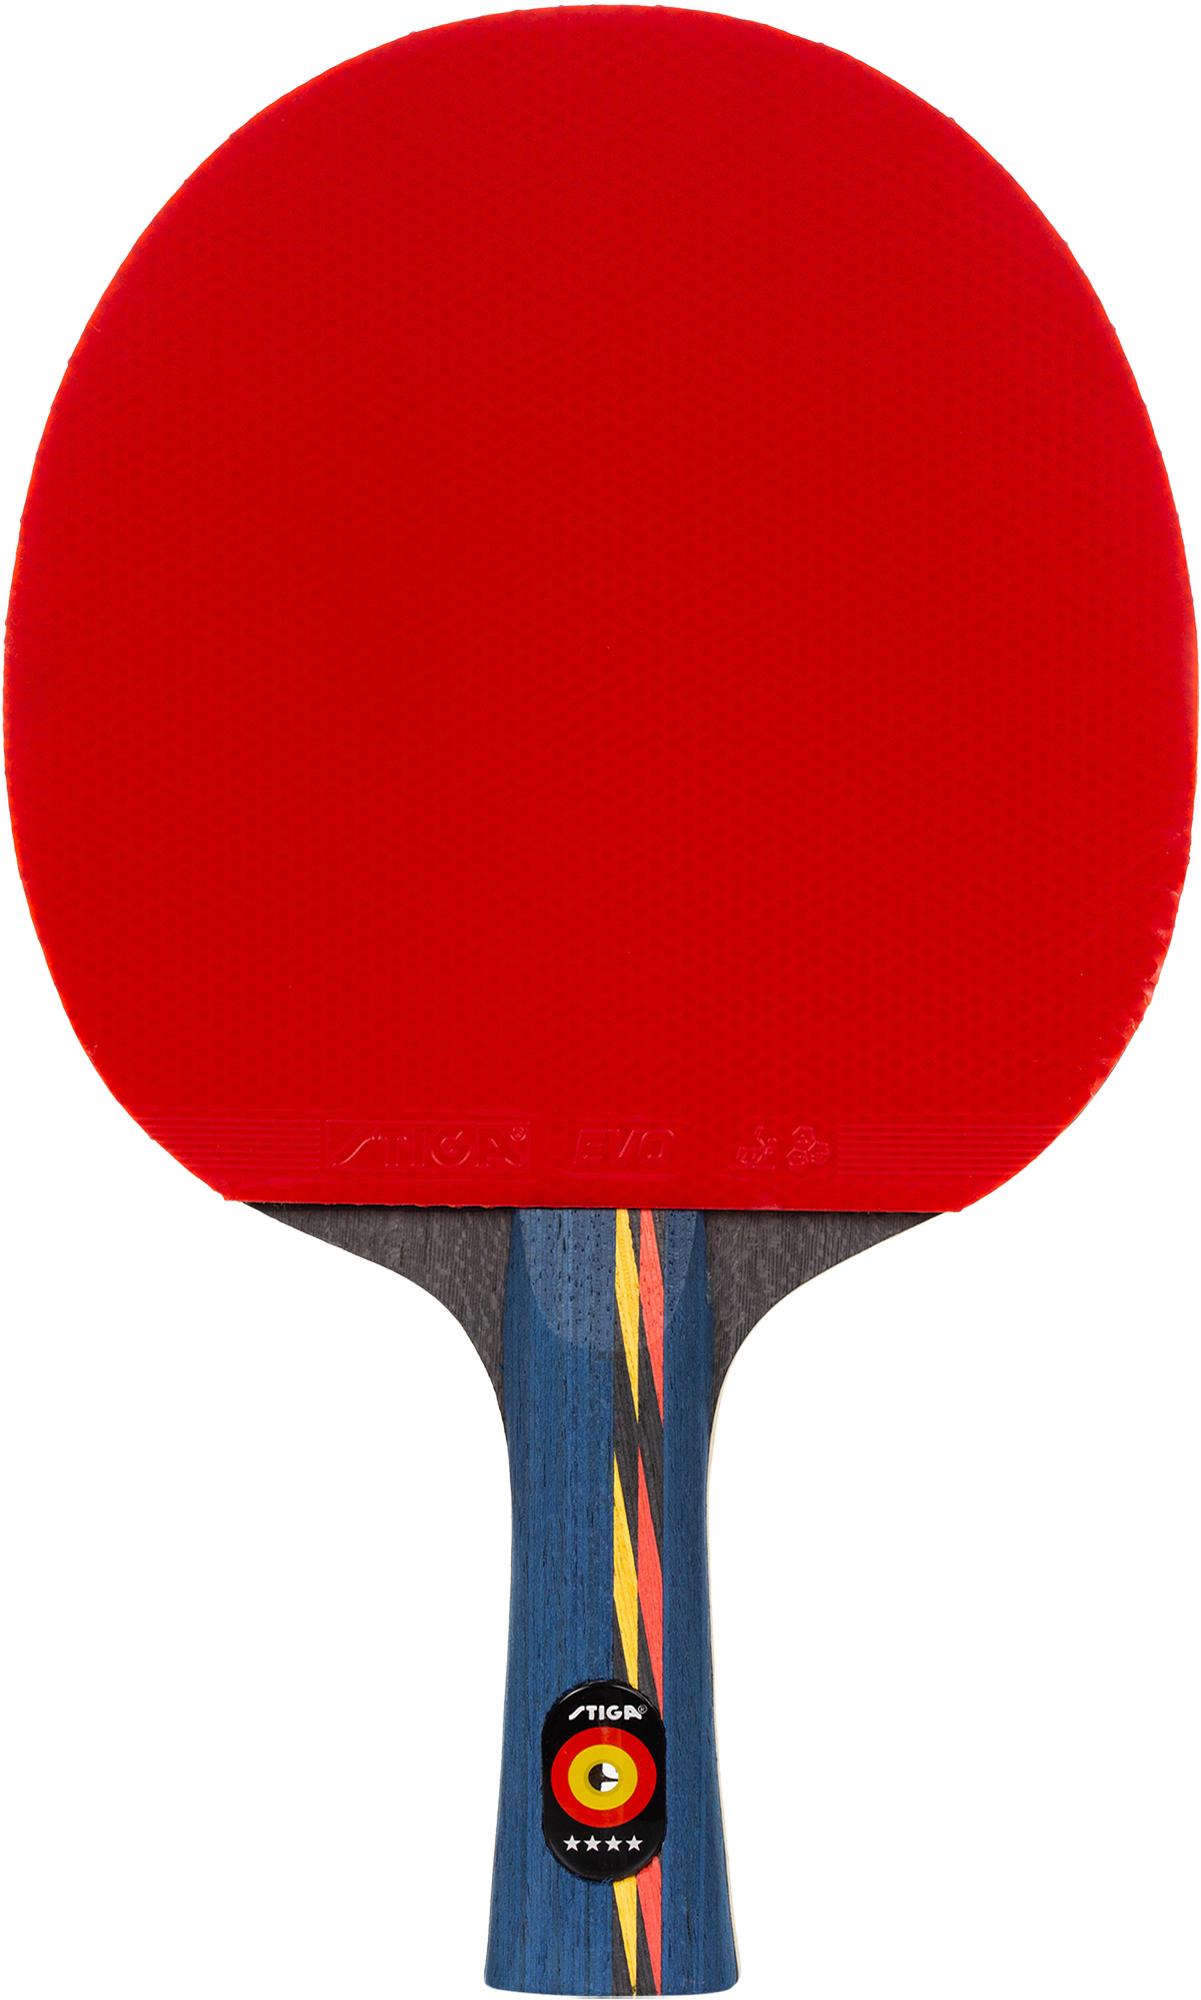 Stiga Ракетка для настольного тенниса Stiga Circle Infinity все цены